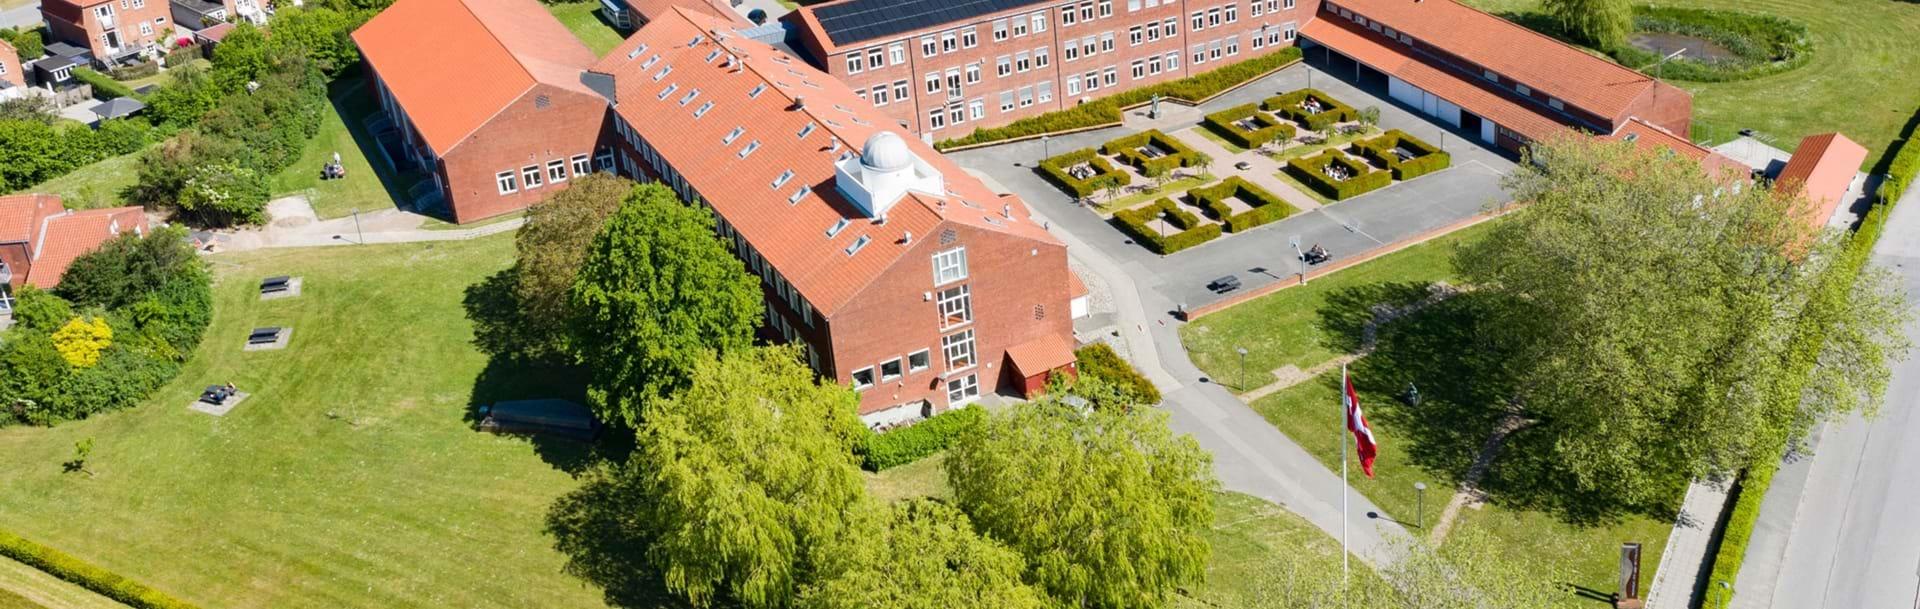 Nykøbing Katedralskole taget oppefra via drone